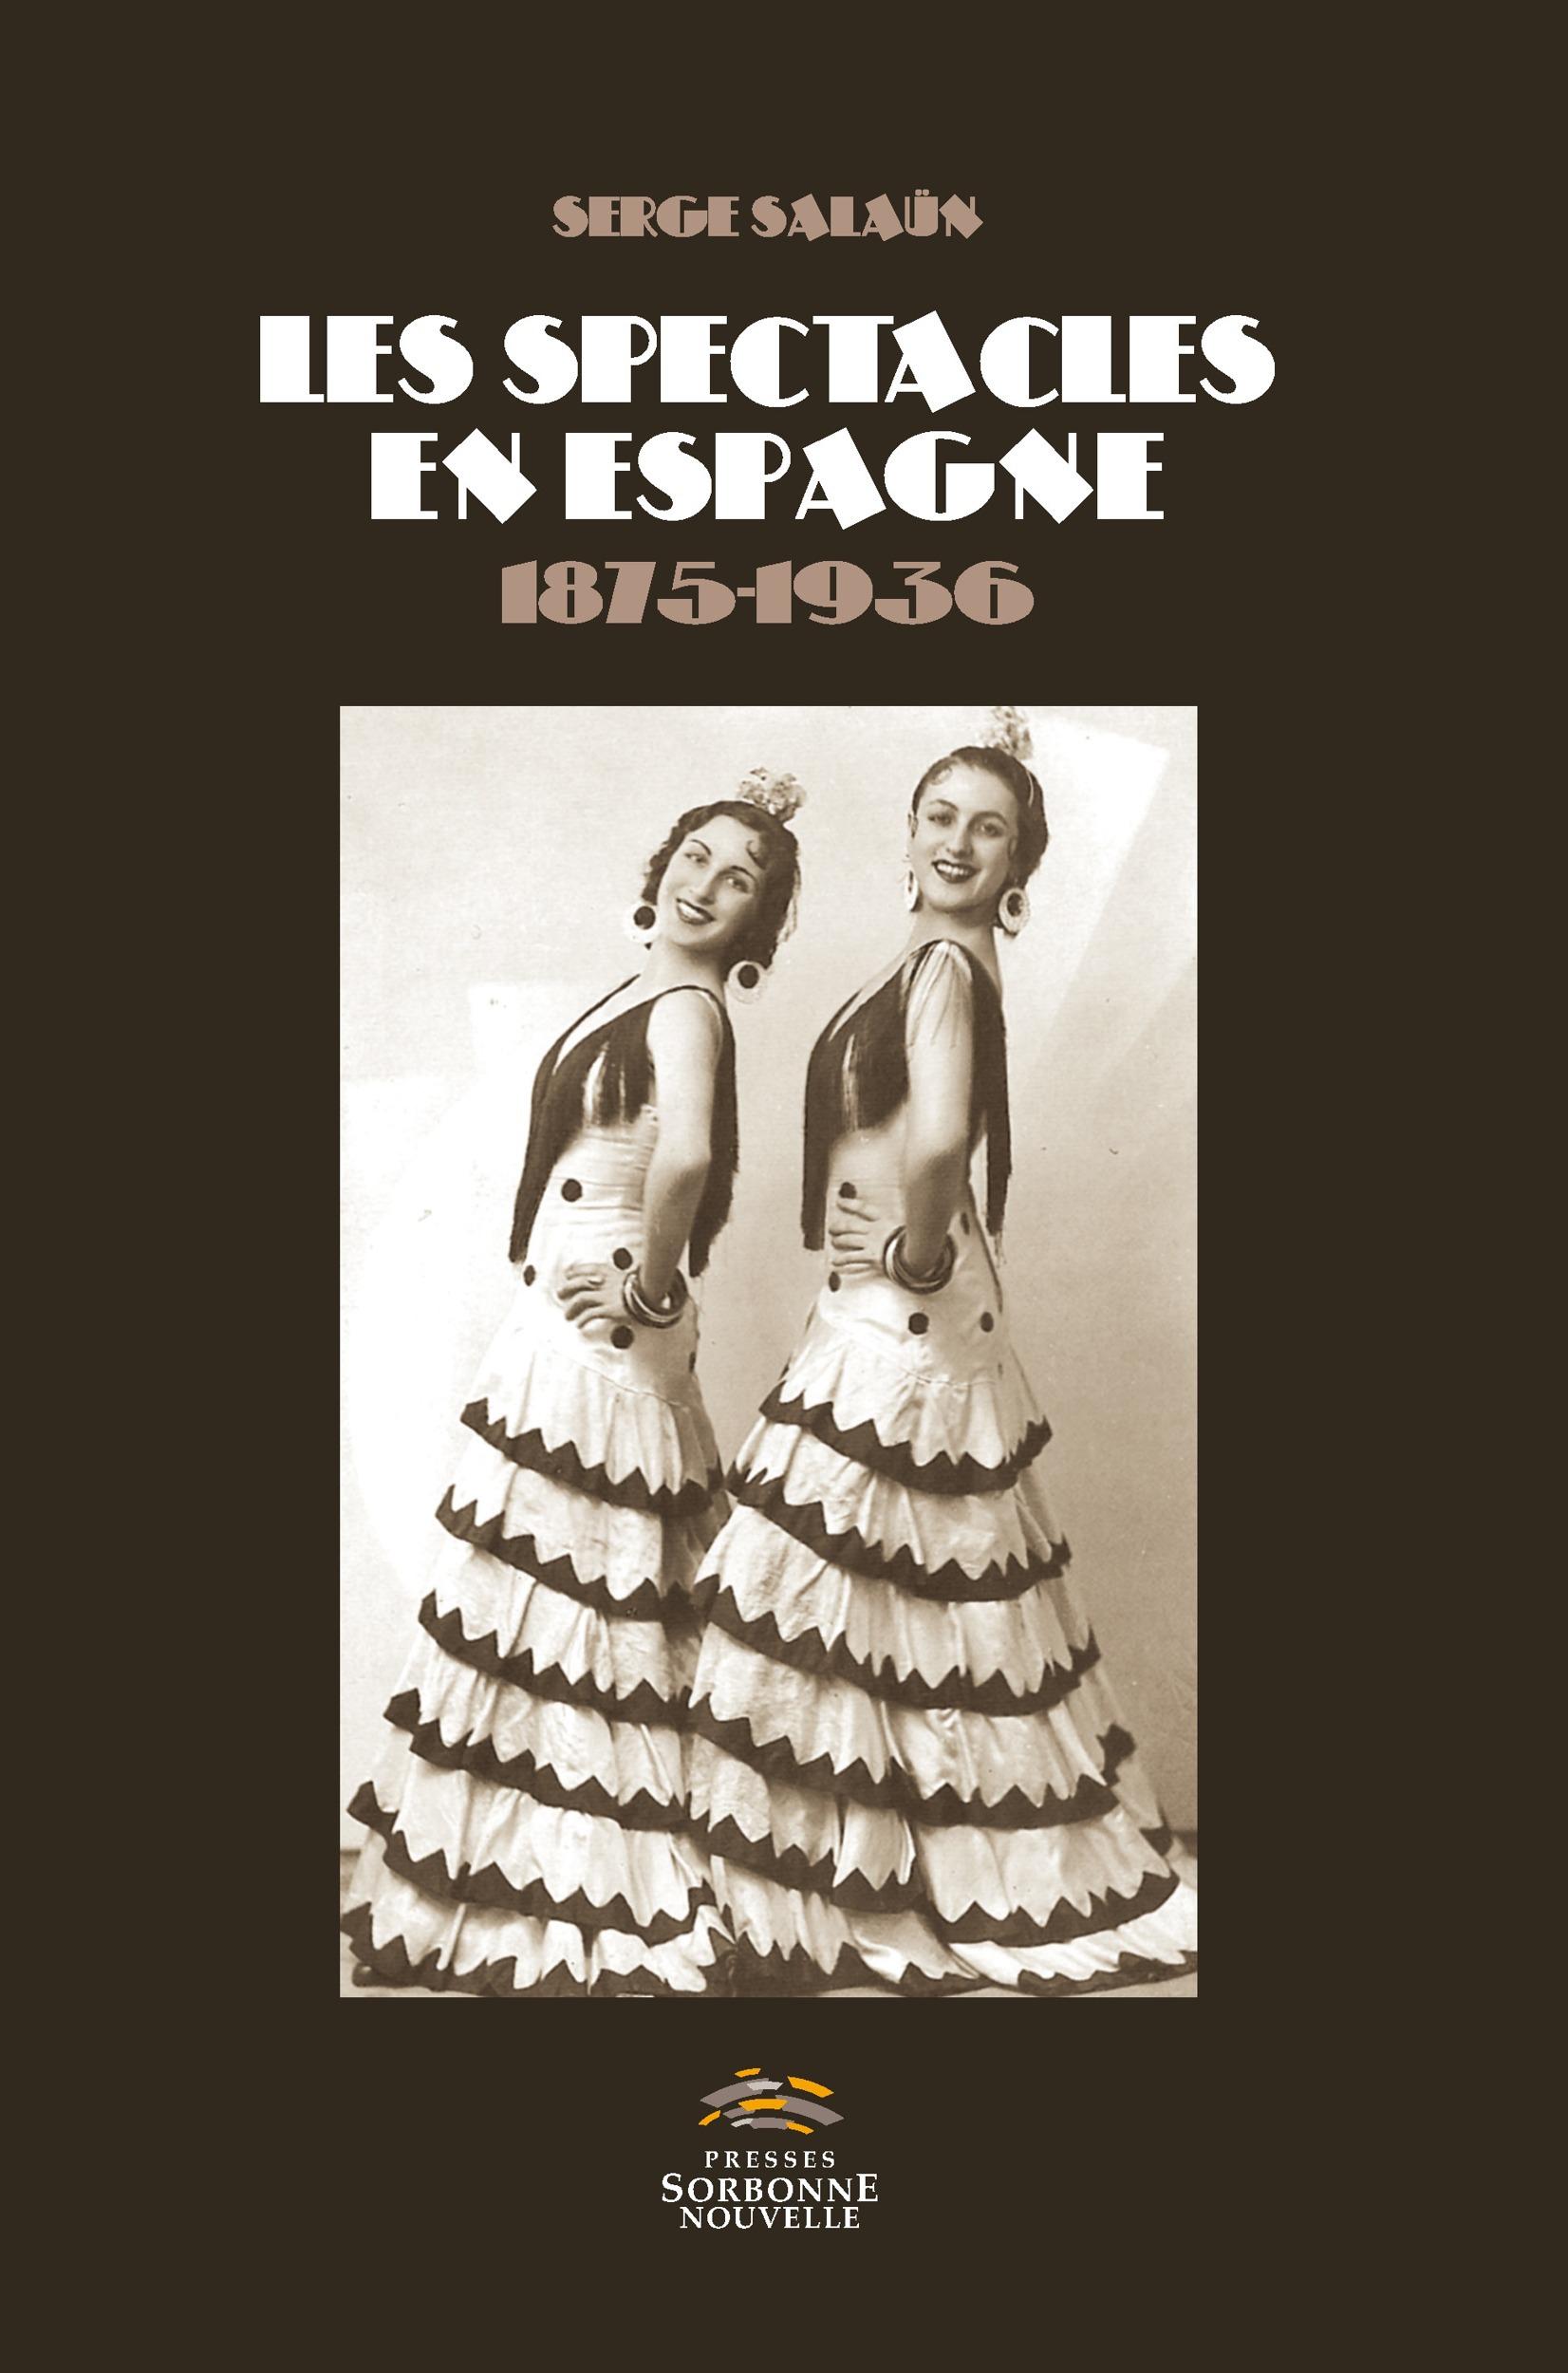 Les spectacles en espagne - 1875-1936